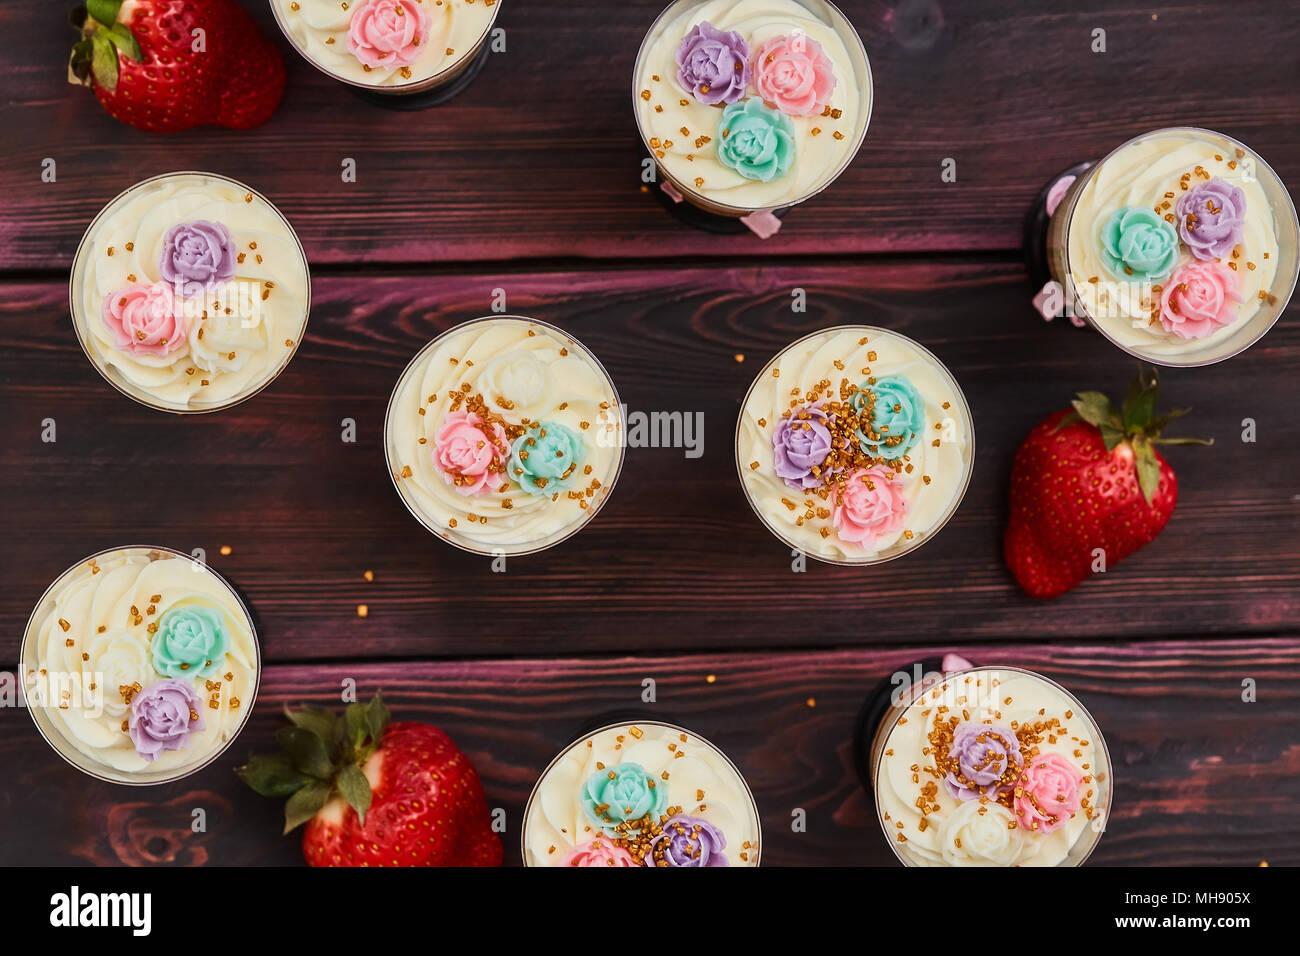 Kuchen mit Erdbeeren im Glas serviert, Schüsse, Holz- Hintergrund Stockbild